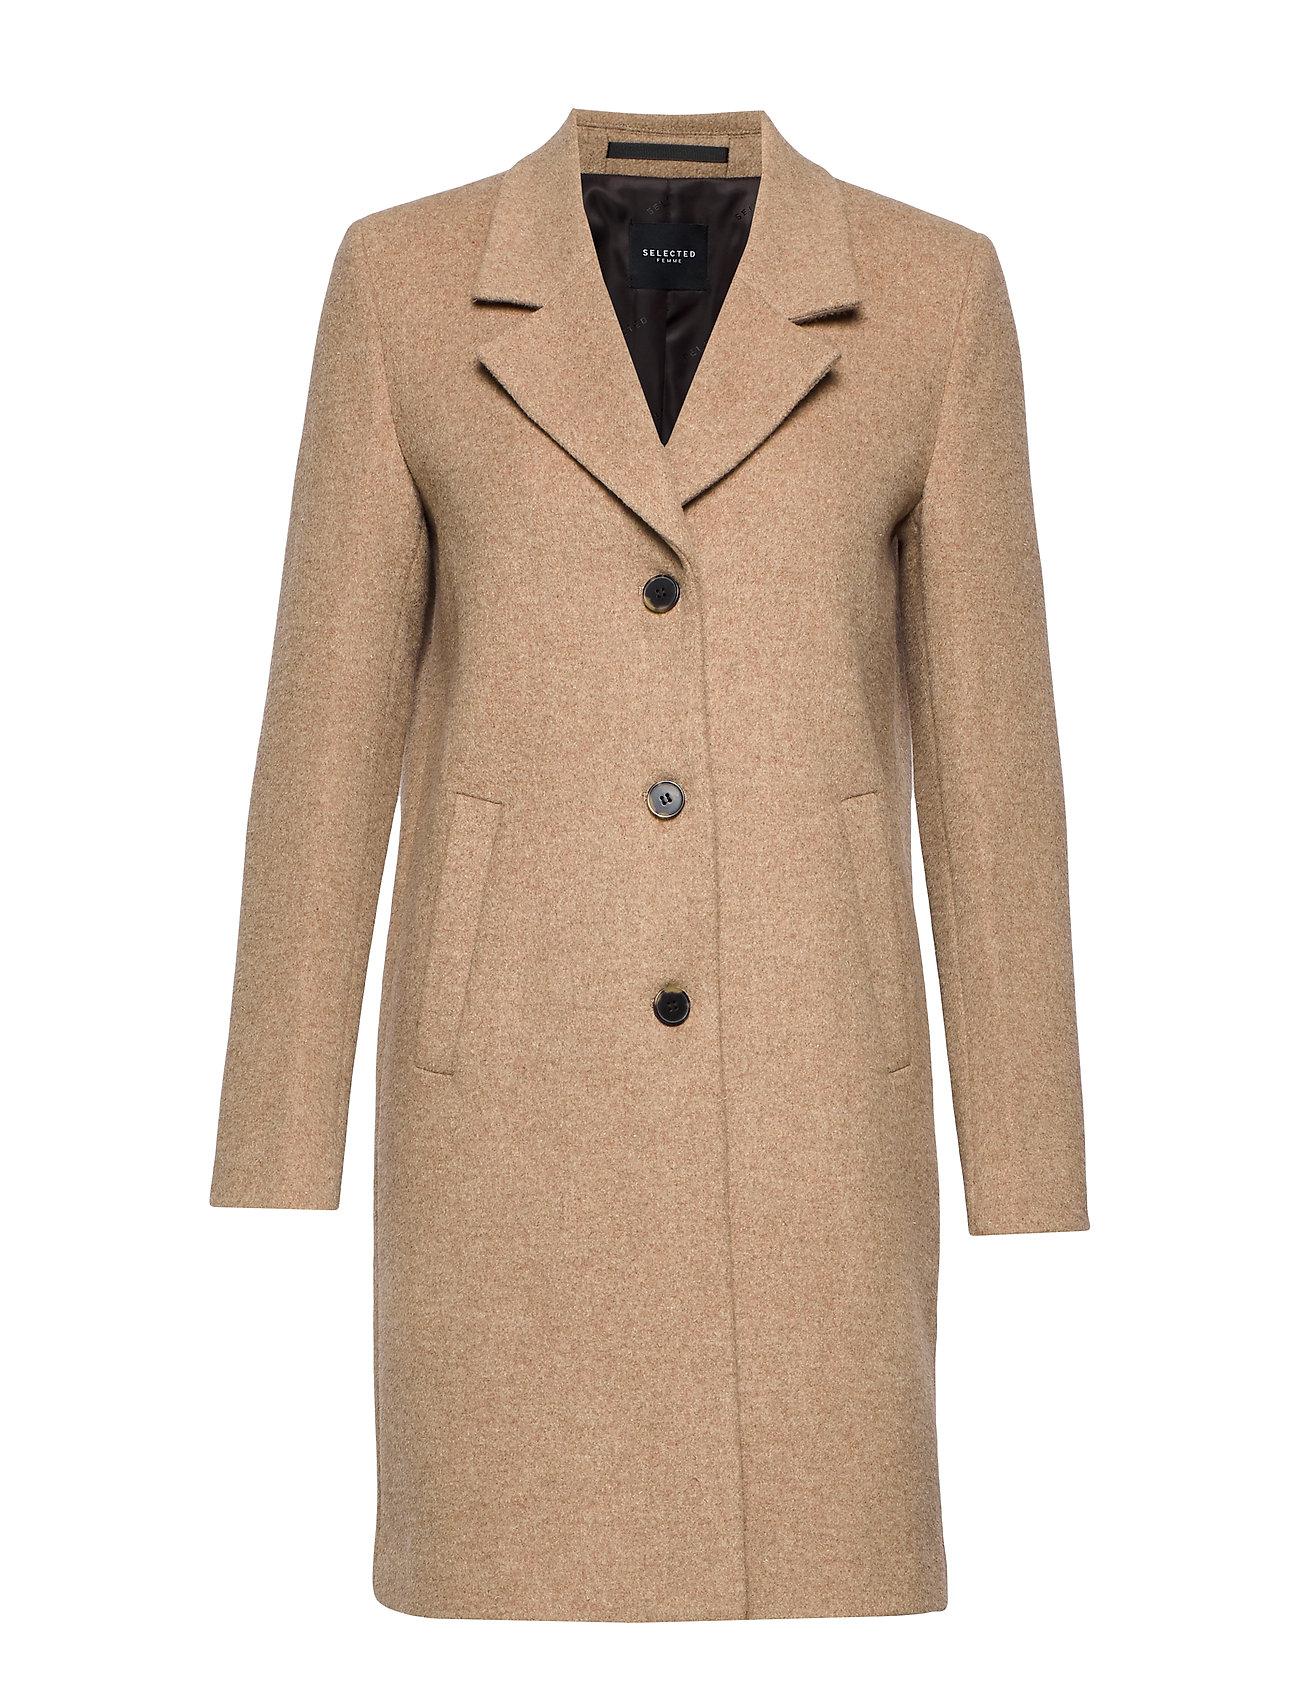 SELECTED Slfsasja Wool Coat Noos B Wollmantel Mantel Beige SELECTED FEMME